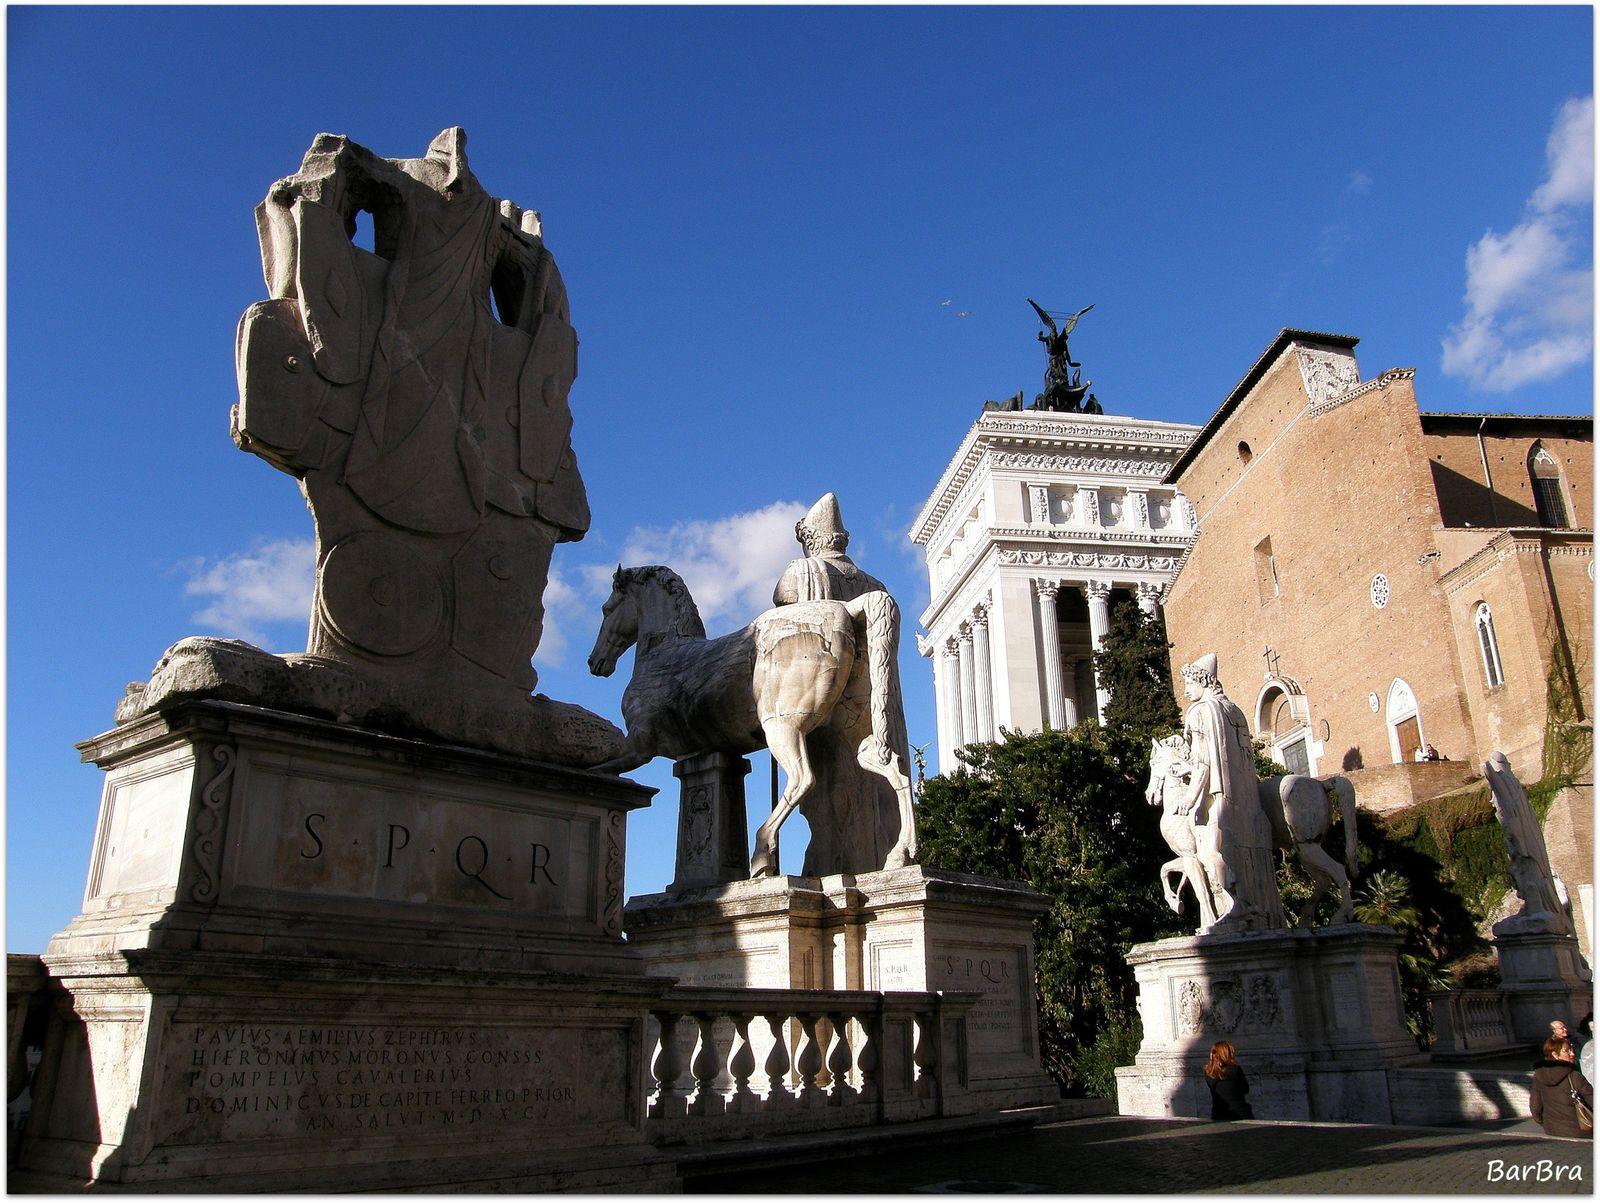 ... poi, per la realizzazione della Piazza del Campidoglio sul progetto di Michelangelo, papa Sisto V le fece spostare e collocare ai lati delle gigantesche statue dei Dioscuri ...